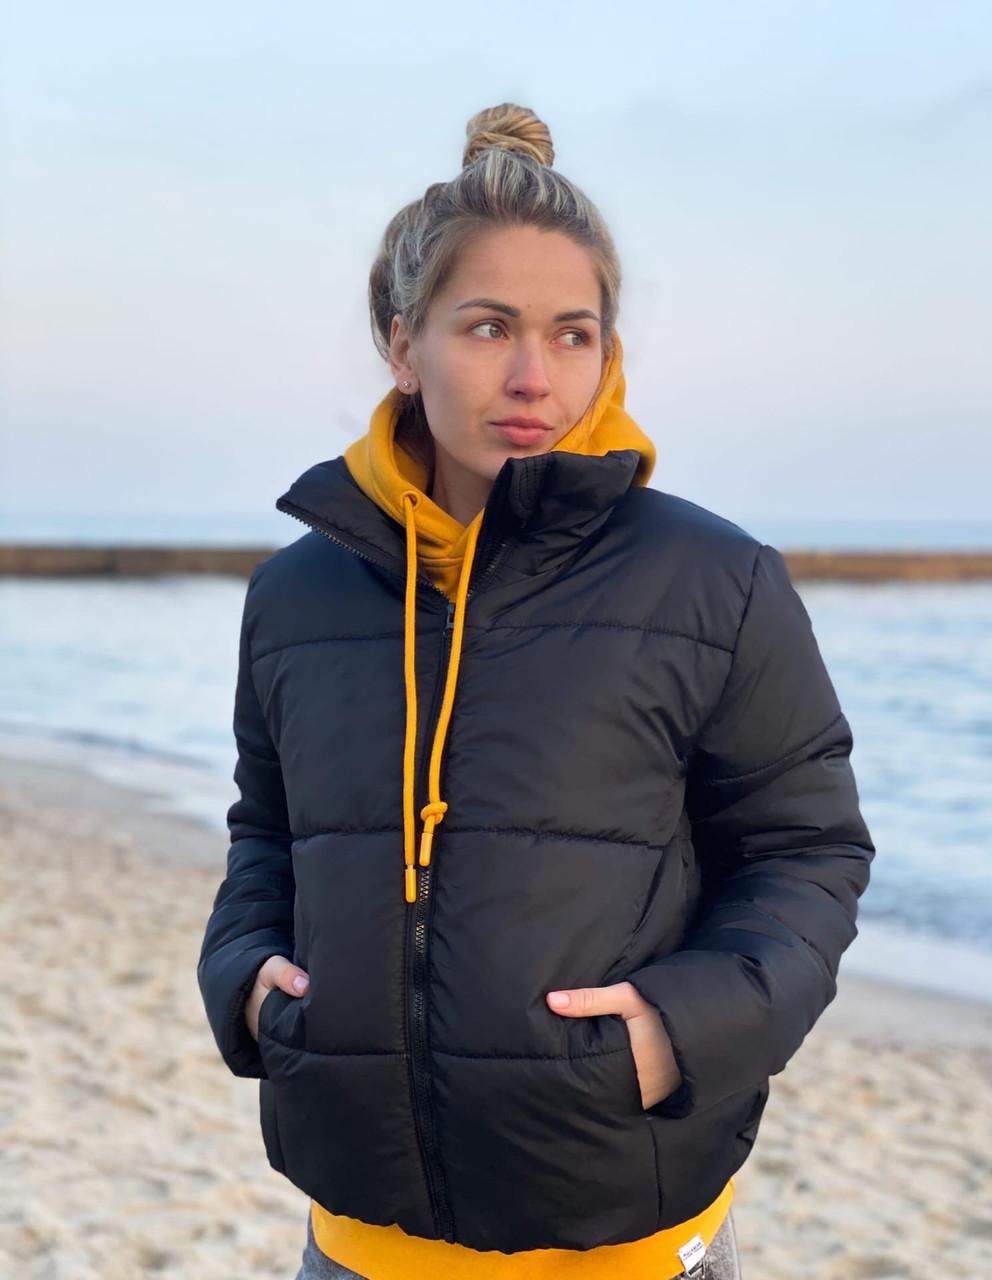 Куртка женская демисезонная весенняя силикон 250 размеры 42-44 44-46  Новинка много цветов